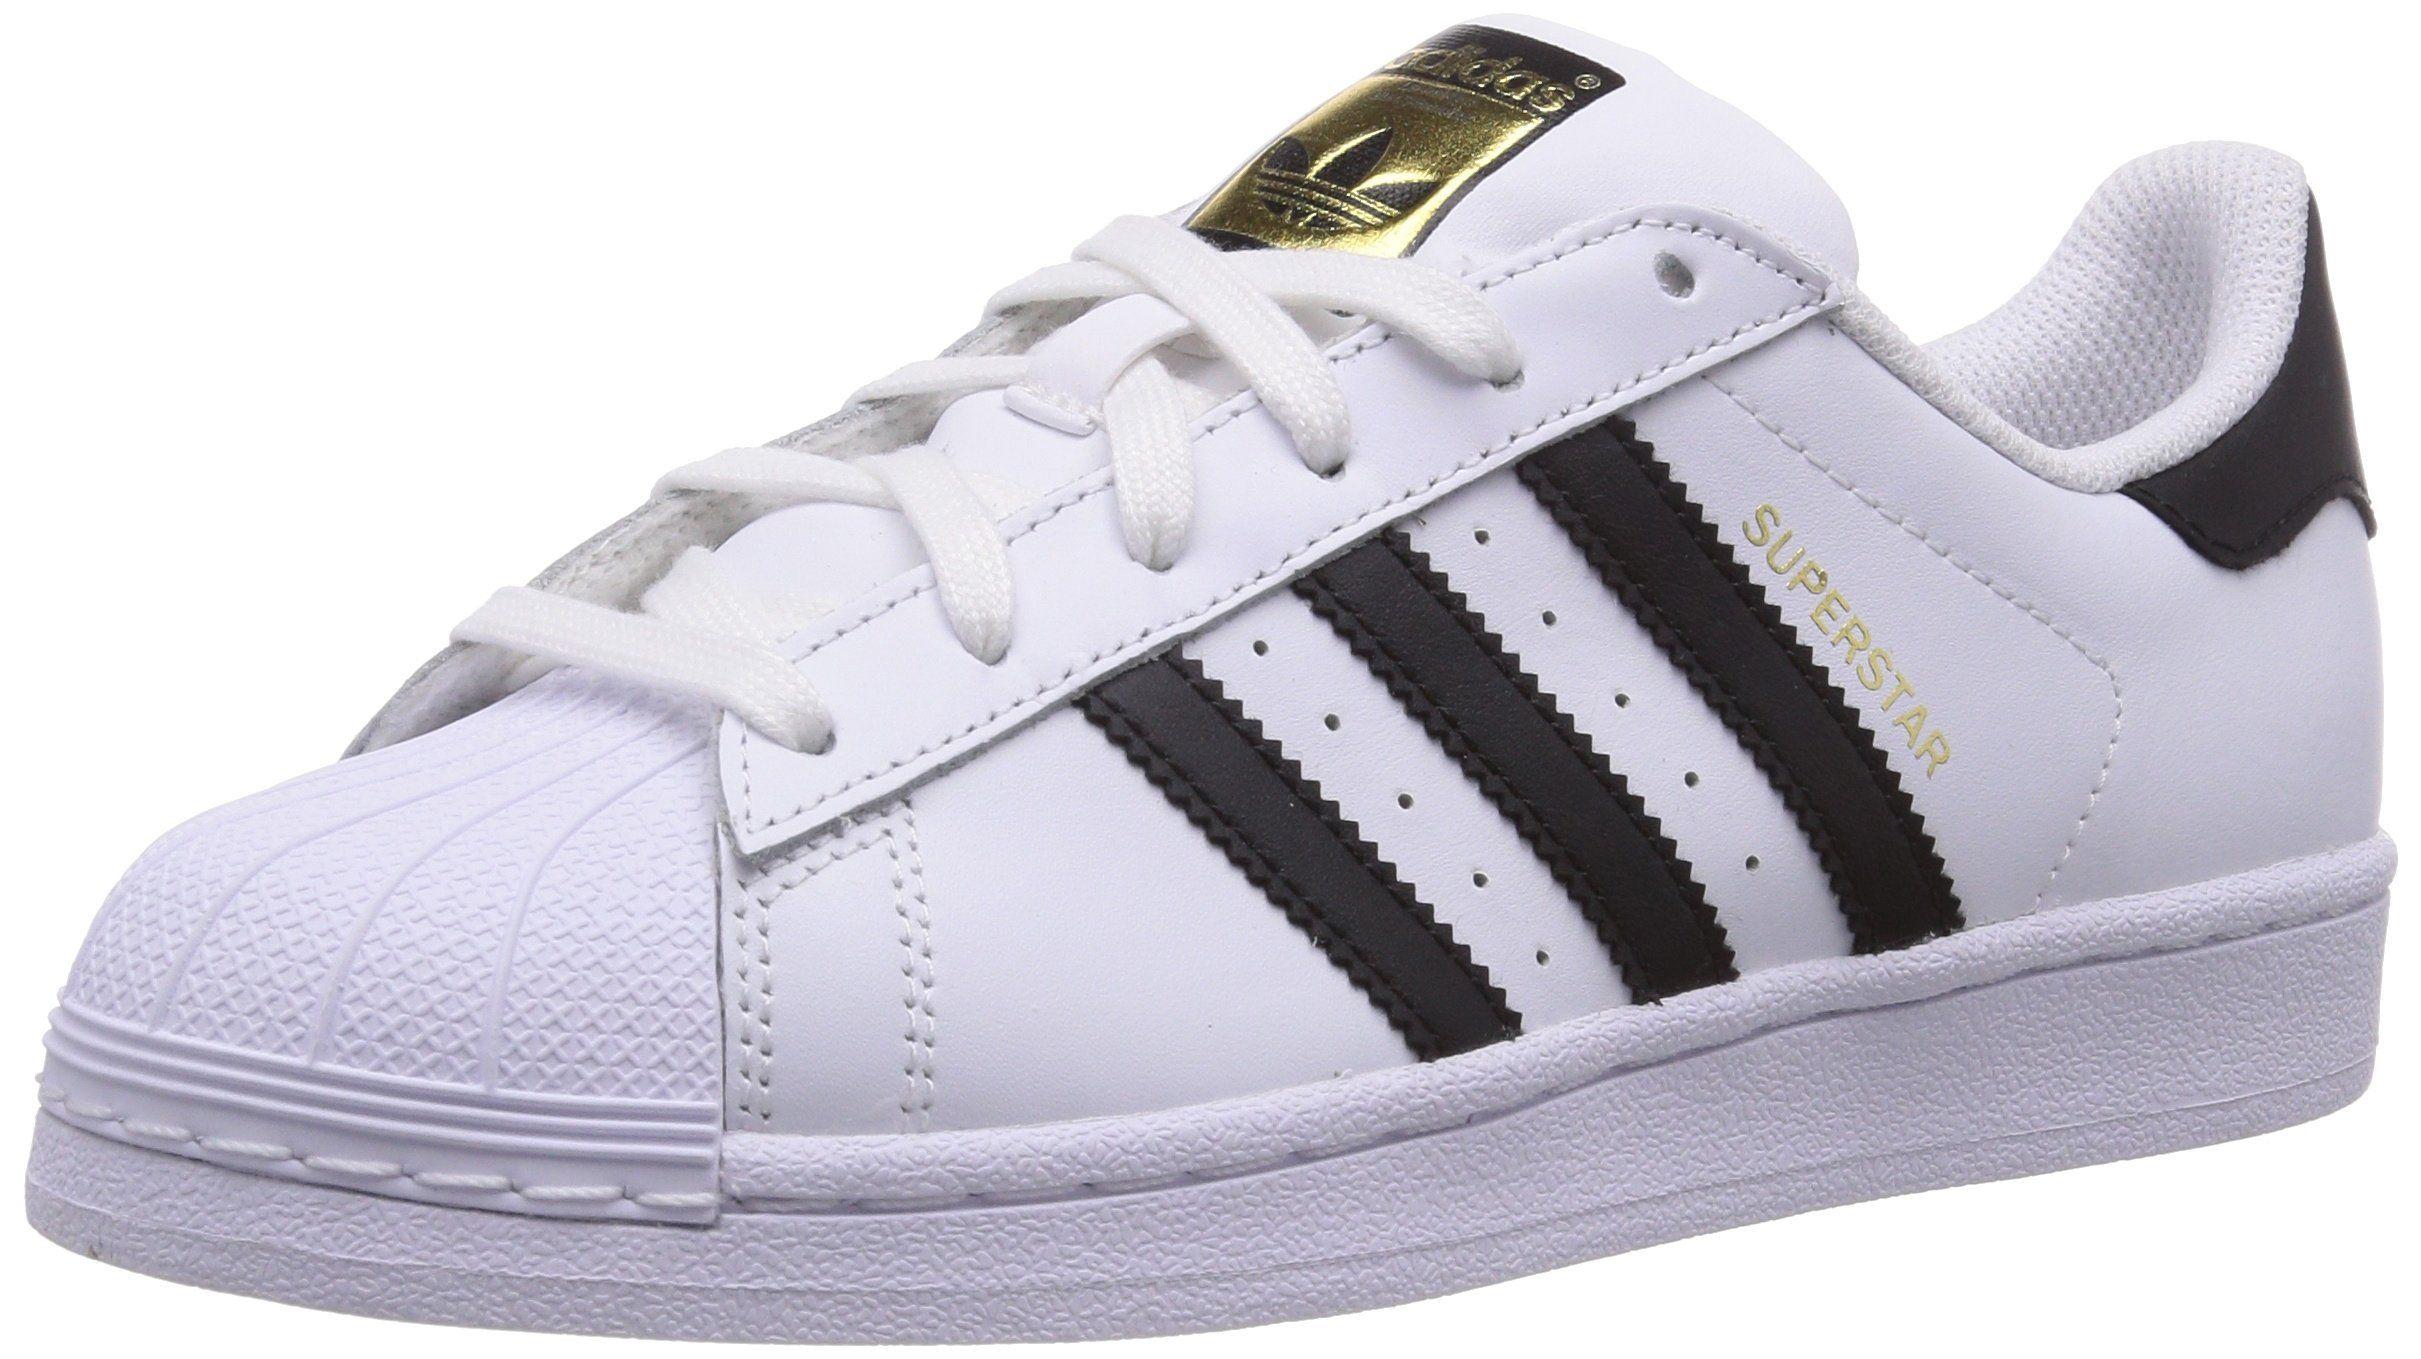 adidas Originals Superstar C77154, Unisex-Kinder Low-Top Sneaker, Weiß (Ftwr Weiß/Core Schwarz/Ftwr Weiß), EU 39 1/3